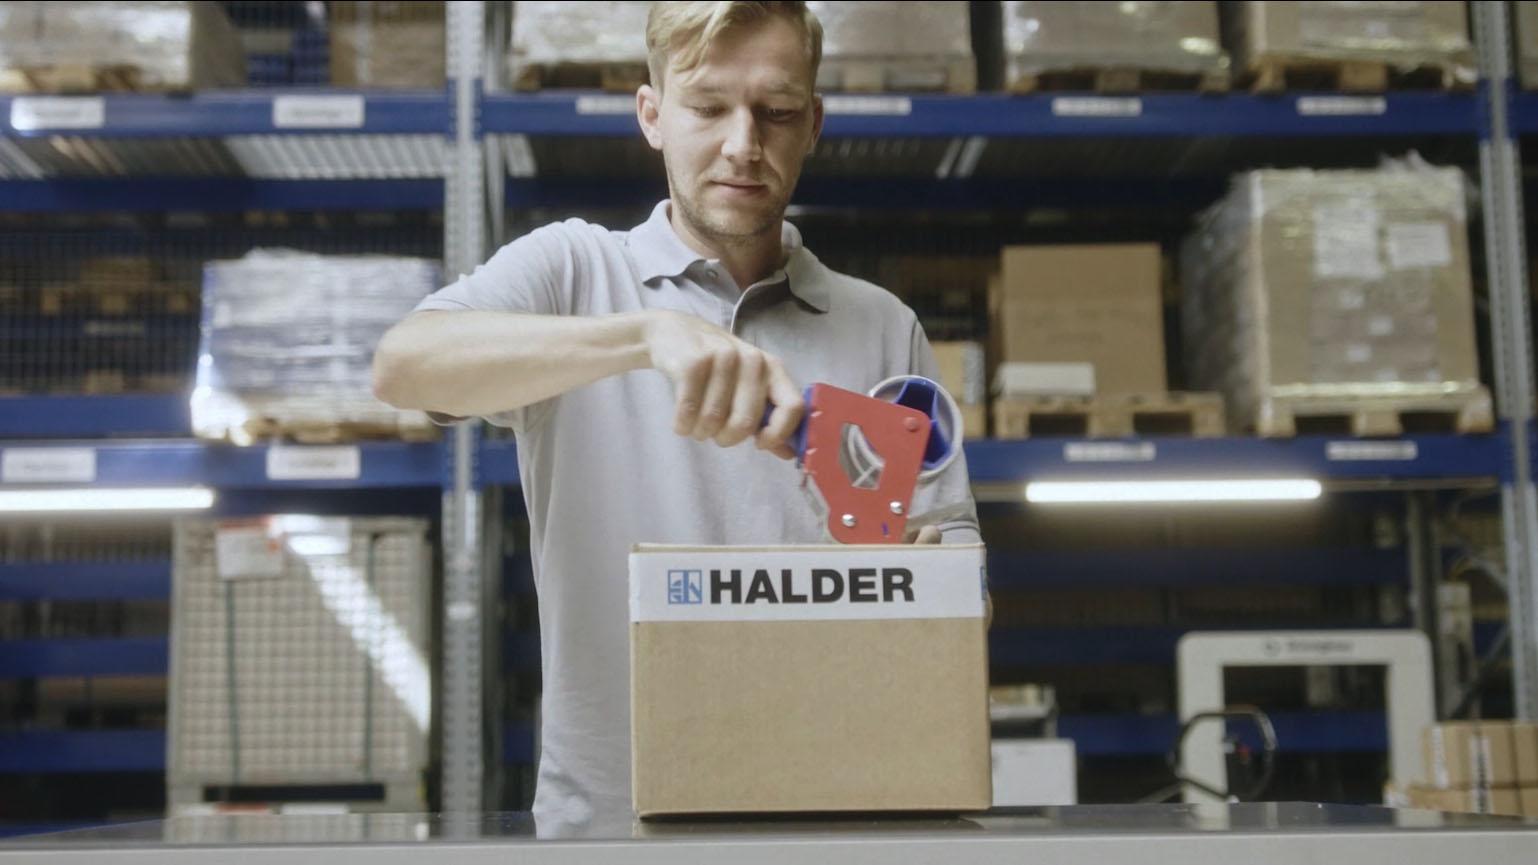 Aus dem Halder Inside Imagefilm - Mann verpackt Paket von Halder